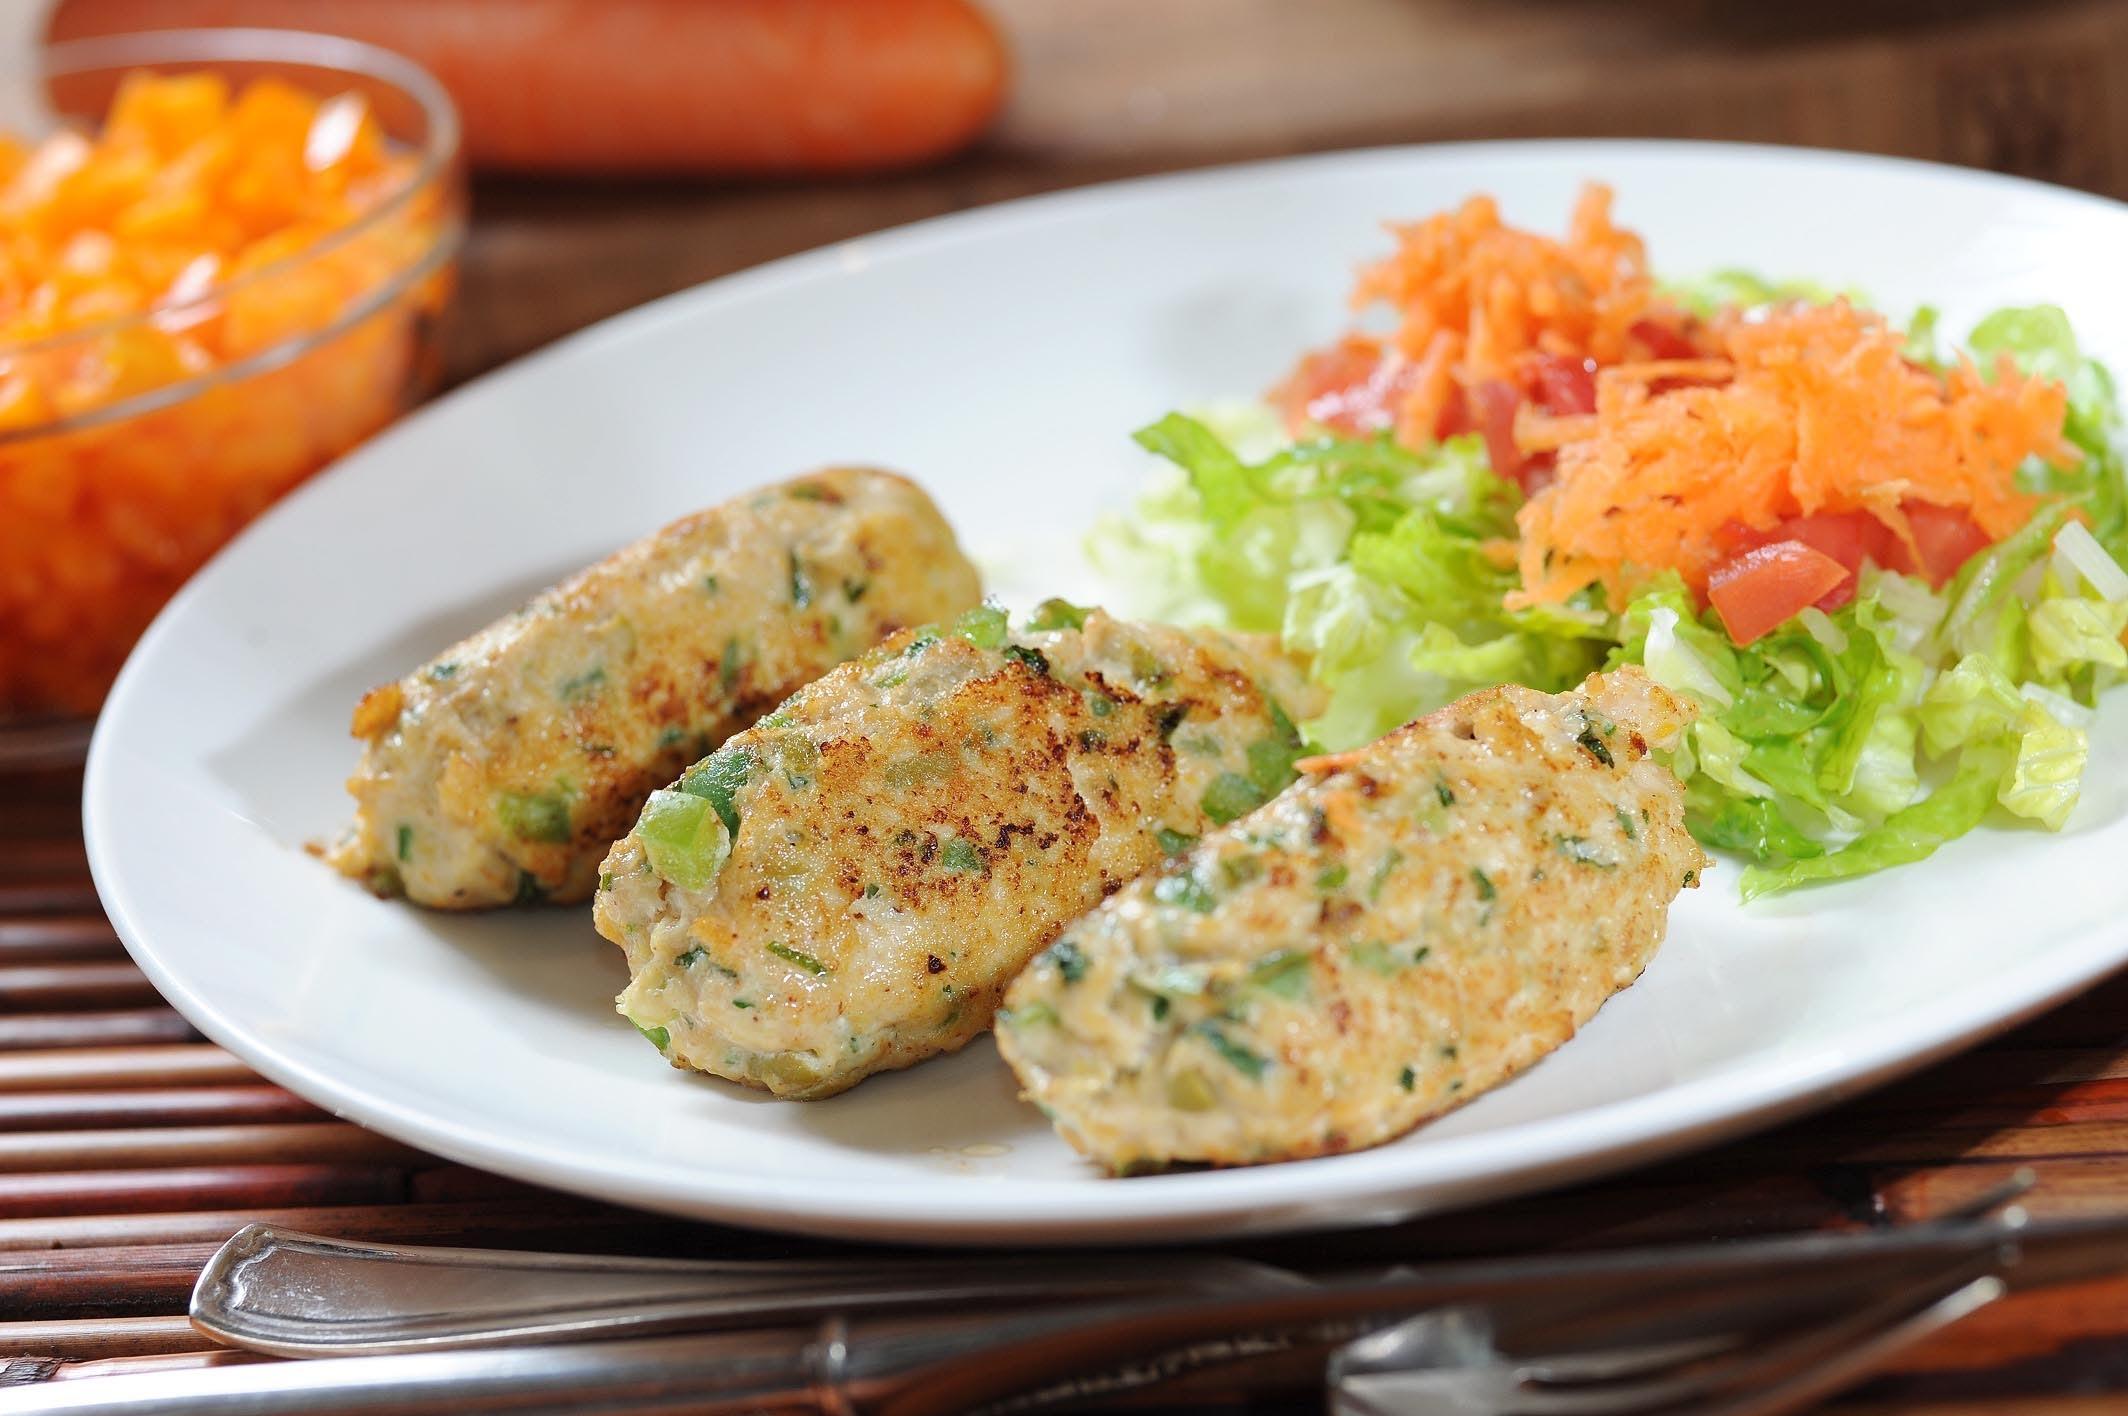 Recetas De Cocina Con Pollo Claro Que Puedes Mil Recetas - Recetas-de-cocina-con-pollo